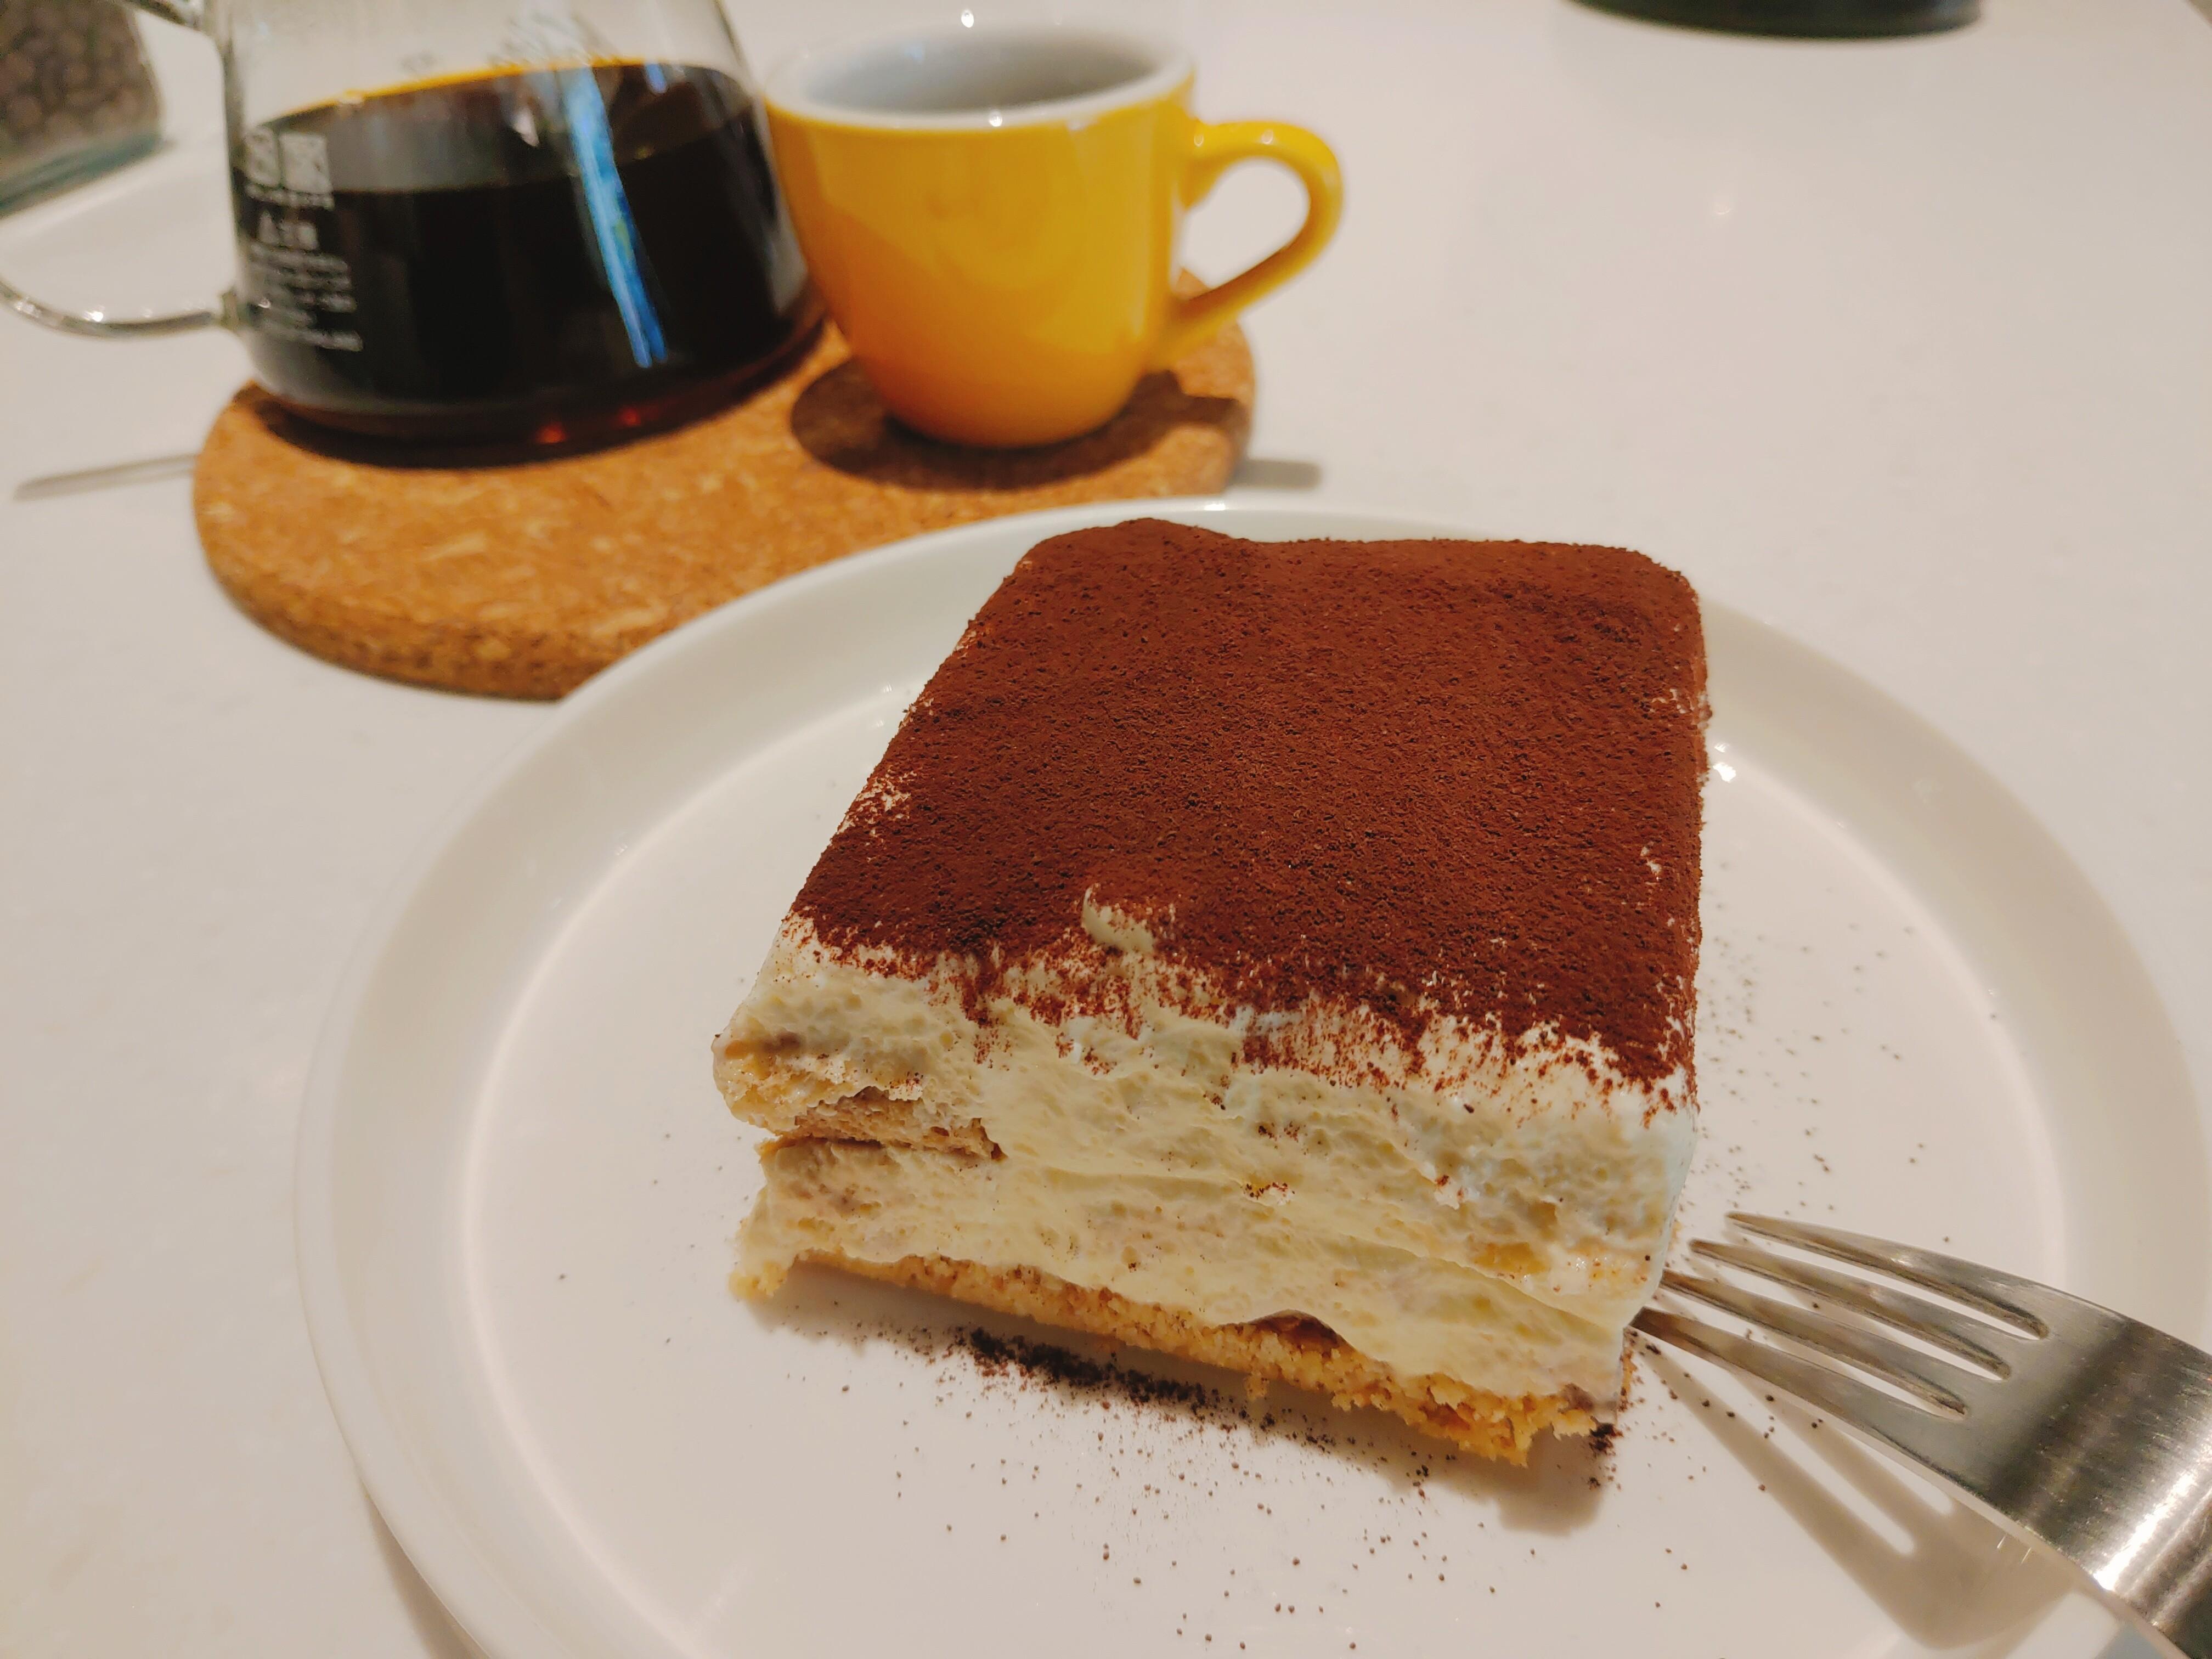 【花蓮市區】Cabra coffee|軟綿可口提拉米蘇,還有美味多樣的咖啡可供選擇|不限時|插座